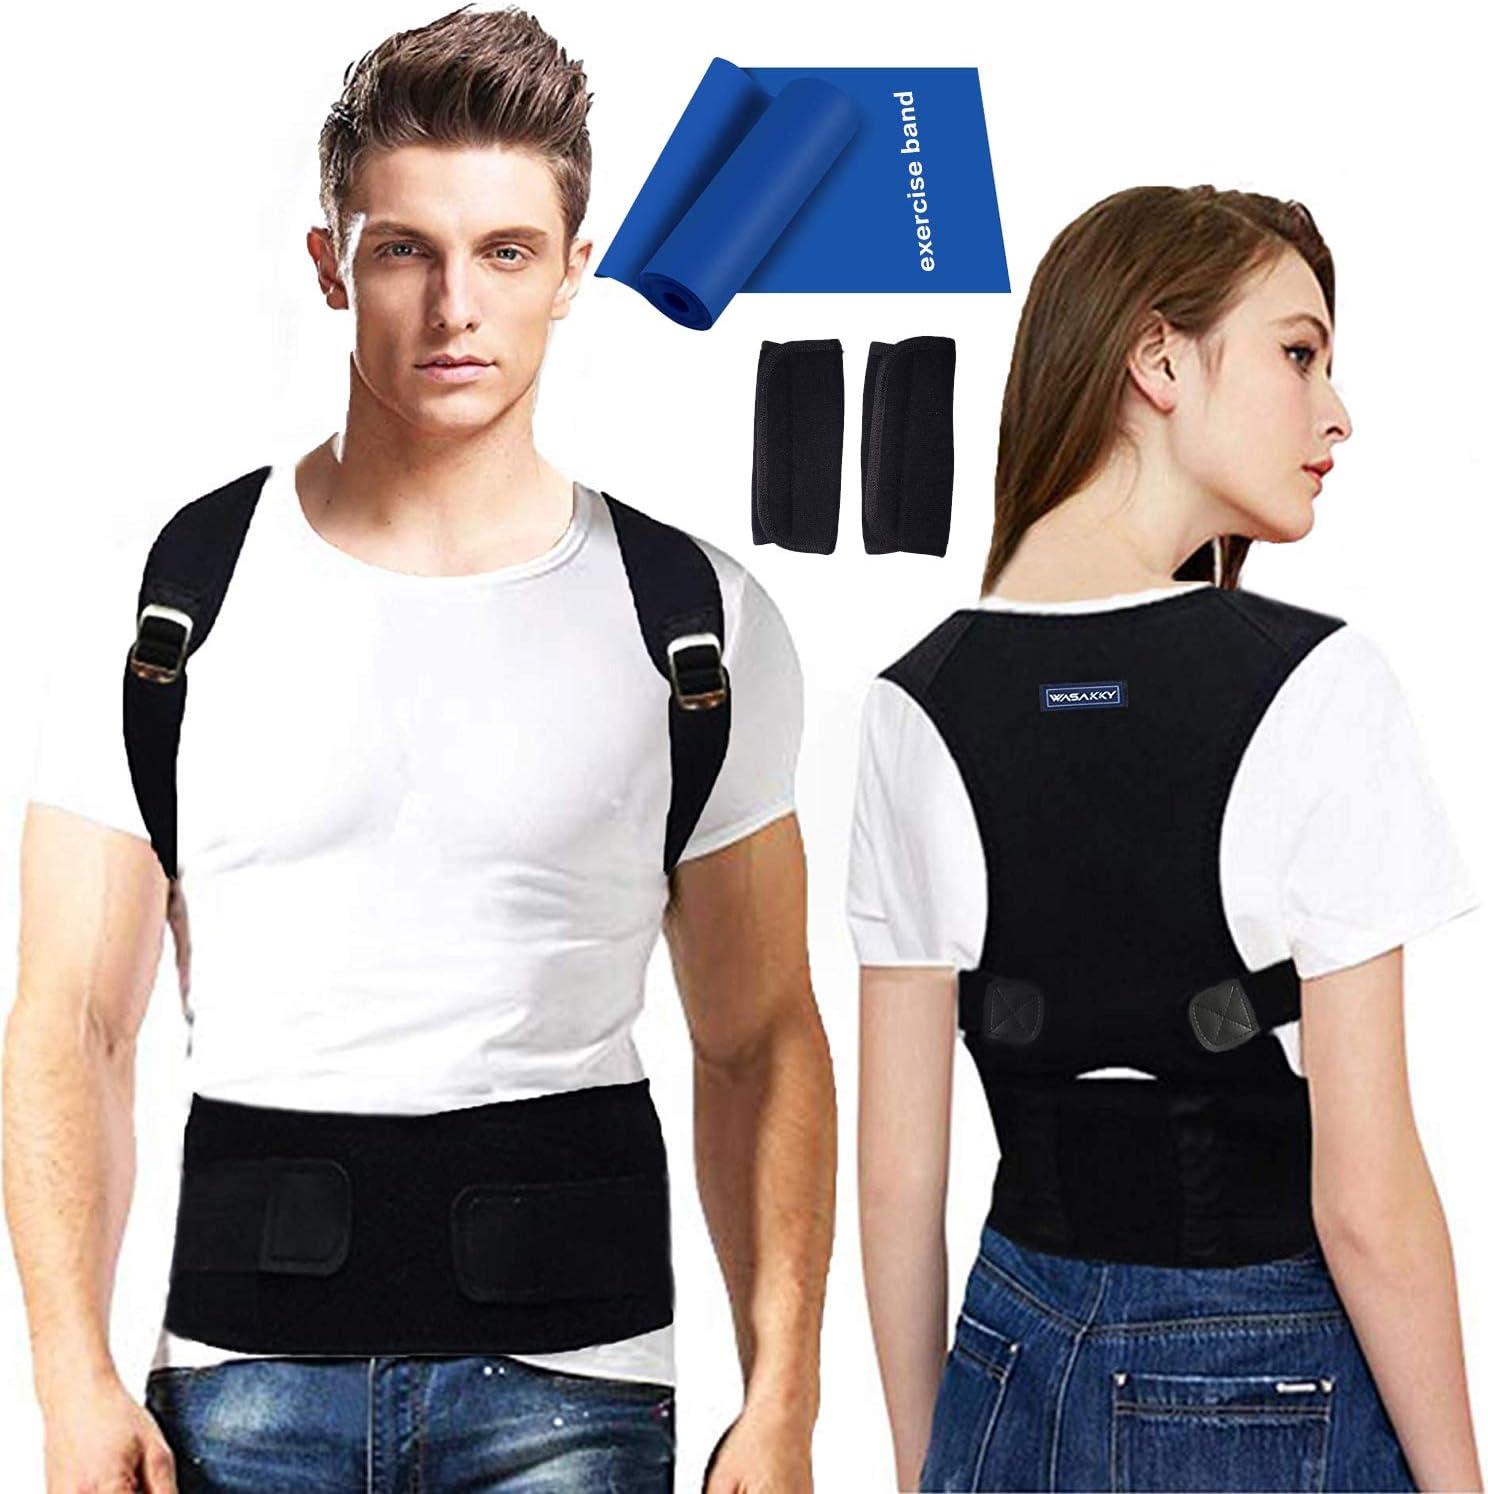 Back Brace Posture Corrector for Men - Medical Posture Brace for Women - Best Adjustable Back Corrector Provides Lumbar Support - Lower & Upper Back Pain Relief